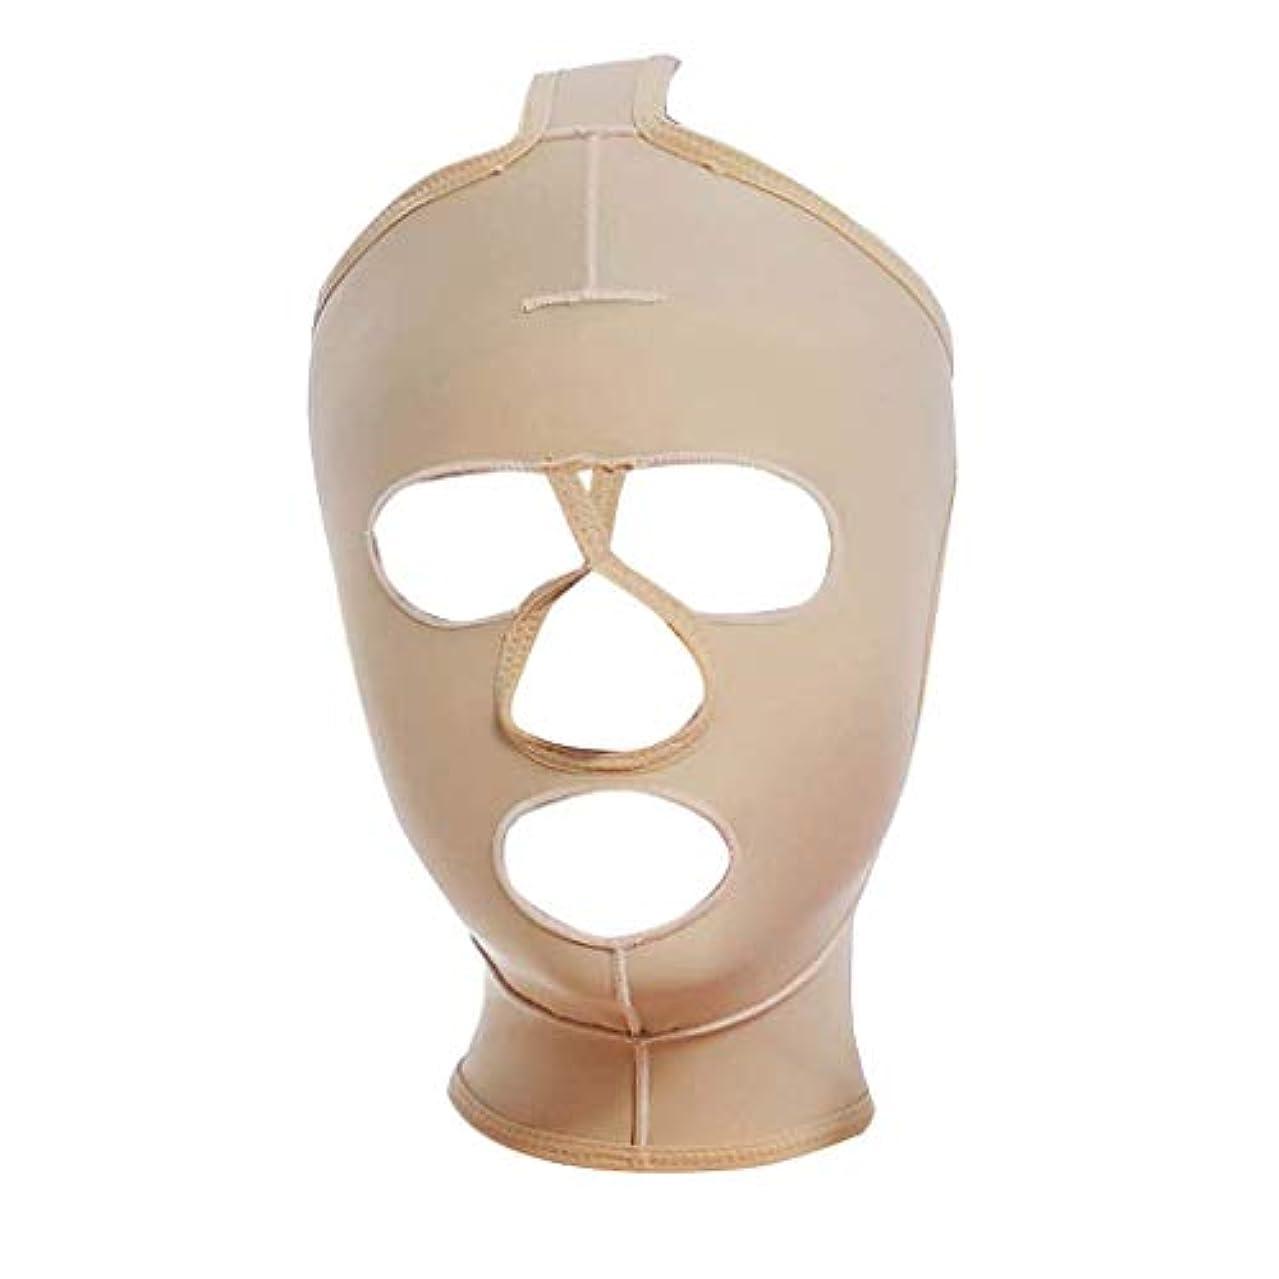 大腿全部メジャーフェイス&ネックリフト、減量フェイスマスク脂肪吸引術脂肪吸引術整形マスクフードフェイスリフティングアーティファクトVフェイスビームフェイス弾性スリーブ(サイズ:XXL),Xl